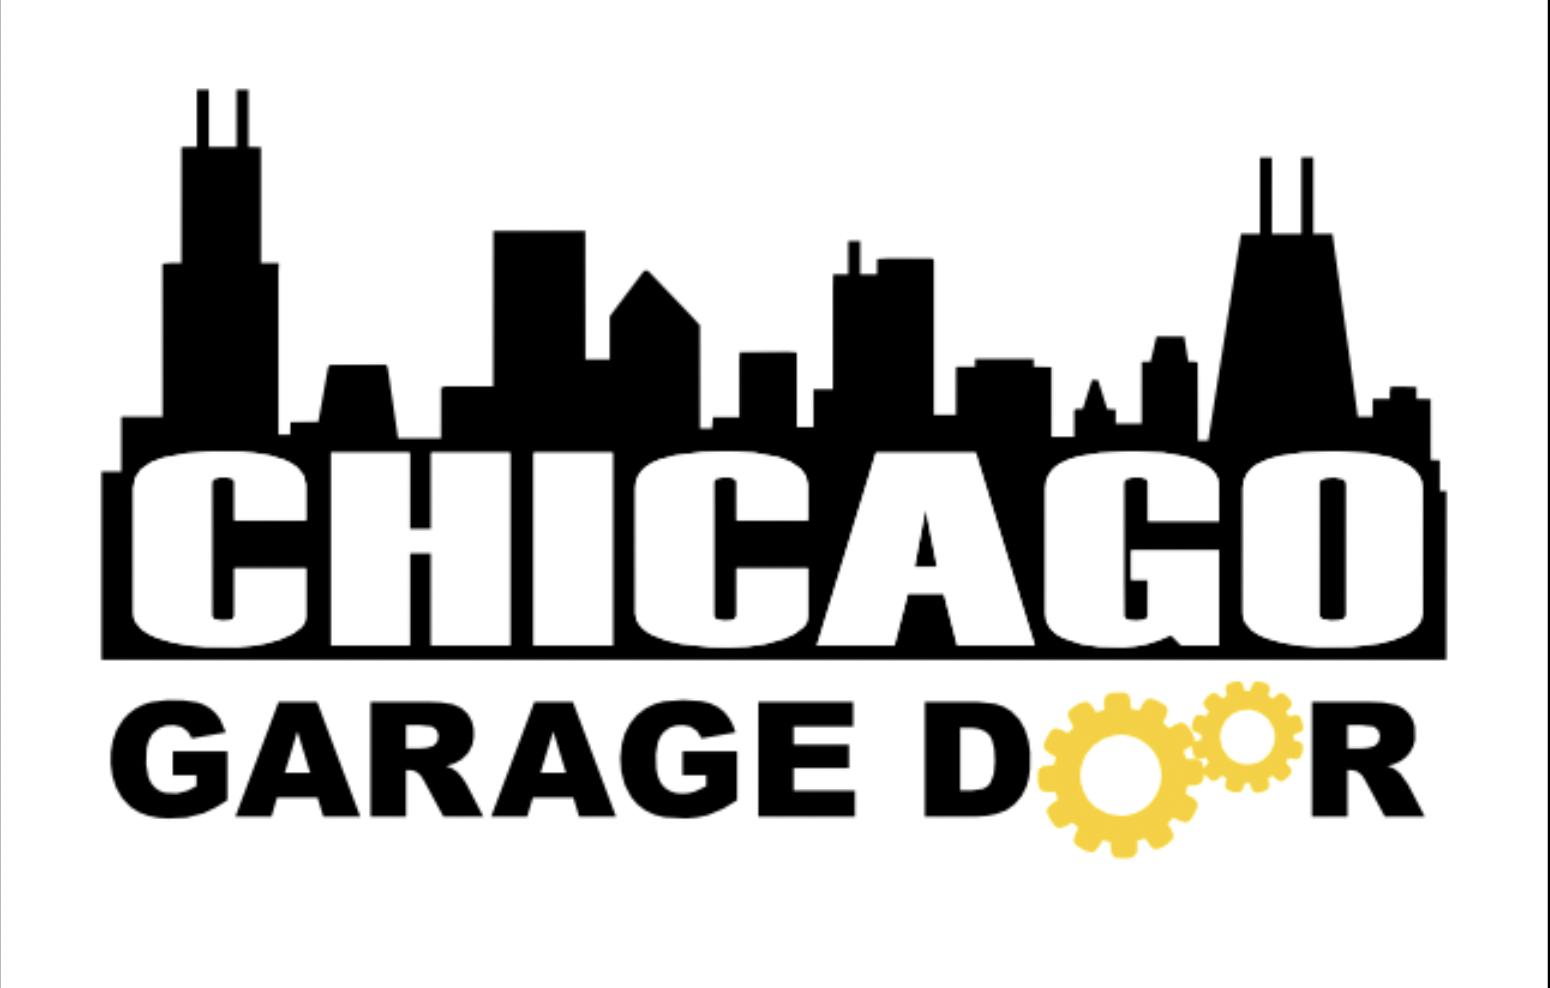 Chicago Garage Door Offers Top-rated Garage Door Servicing in Mundelein, Illinois